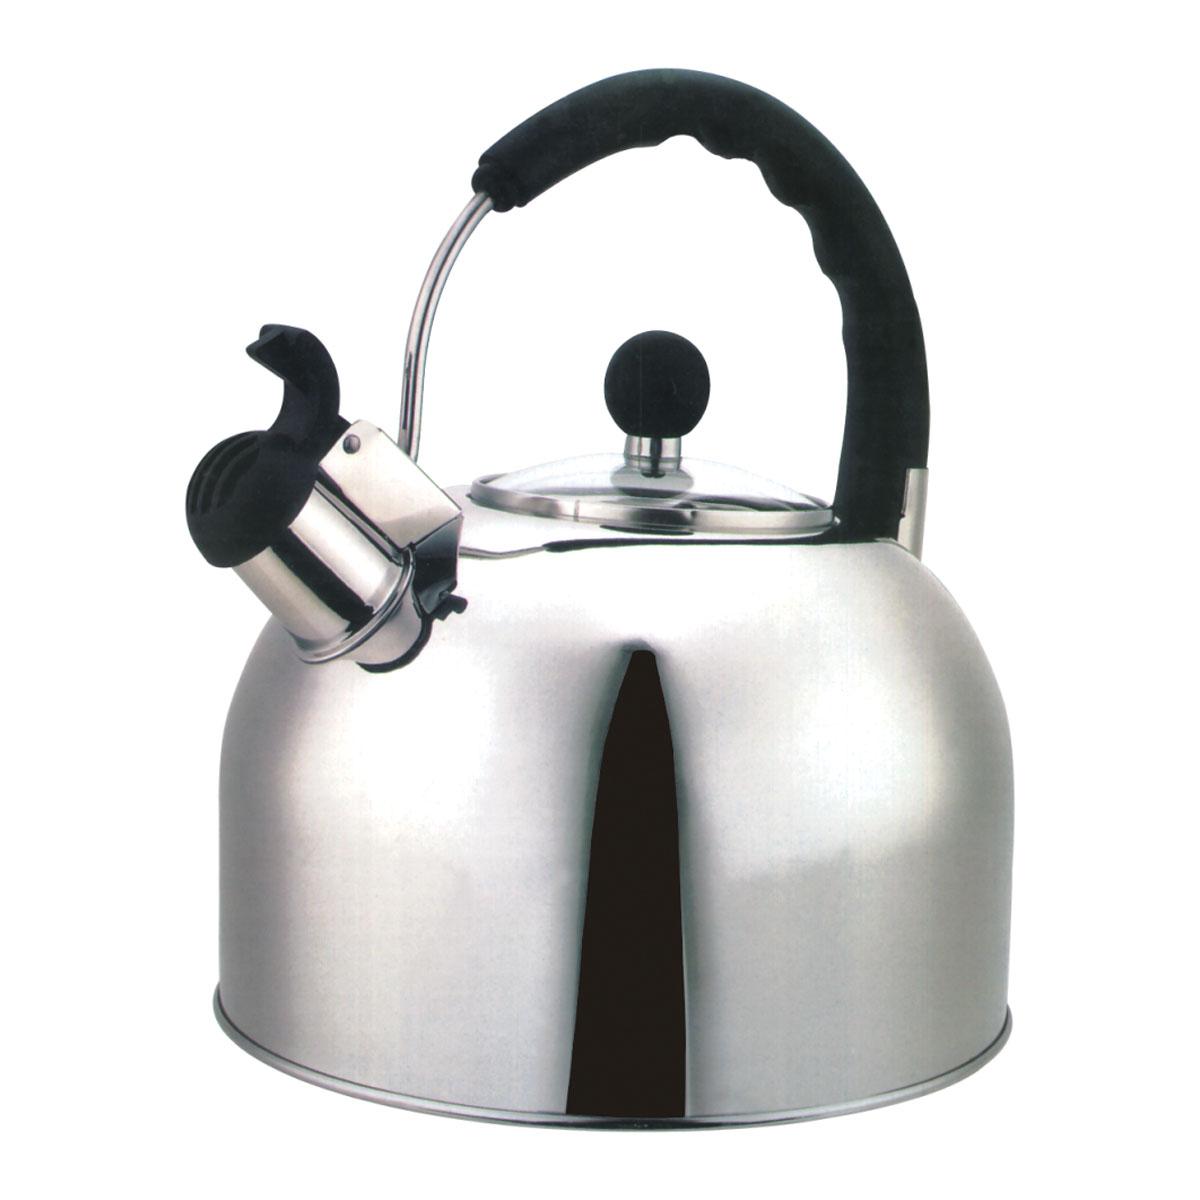 Чайник Bekker Koch со свистком, 4,5 л54 009312Чайник Bekker Koch выполнен из высококачественной нержавеющей стали, что обеспечивает долговечность использования. Внешнее зеркальное покрытие придает приятный внешний вид. Металлическая фиксированная ручка с пластиковой вставкой делает использование чайника очень удобным и безопасным. Чайник снабжен стеклянной крышкой, свистком и устройством для открывания носика. Изделие оснащено капсулированным дном для лучшего распространения тепла. Можно мыть в посудомоечной машине. Пригоден для всех видов плит кроме индукционных.